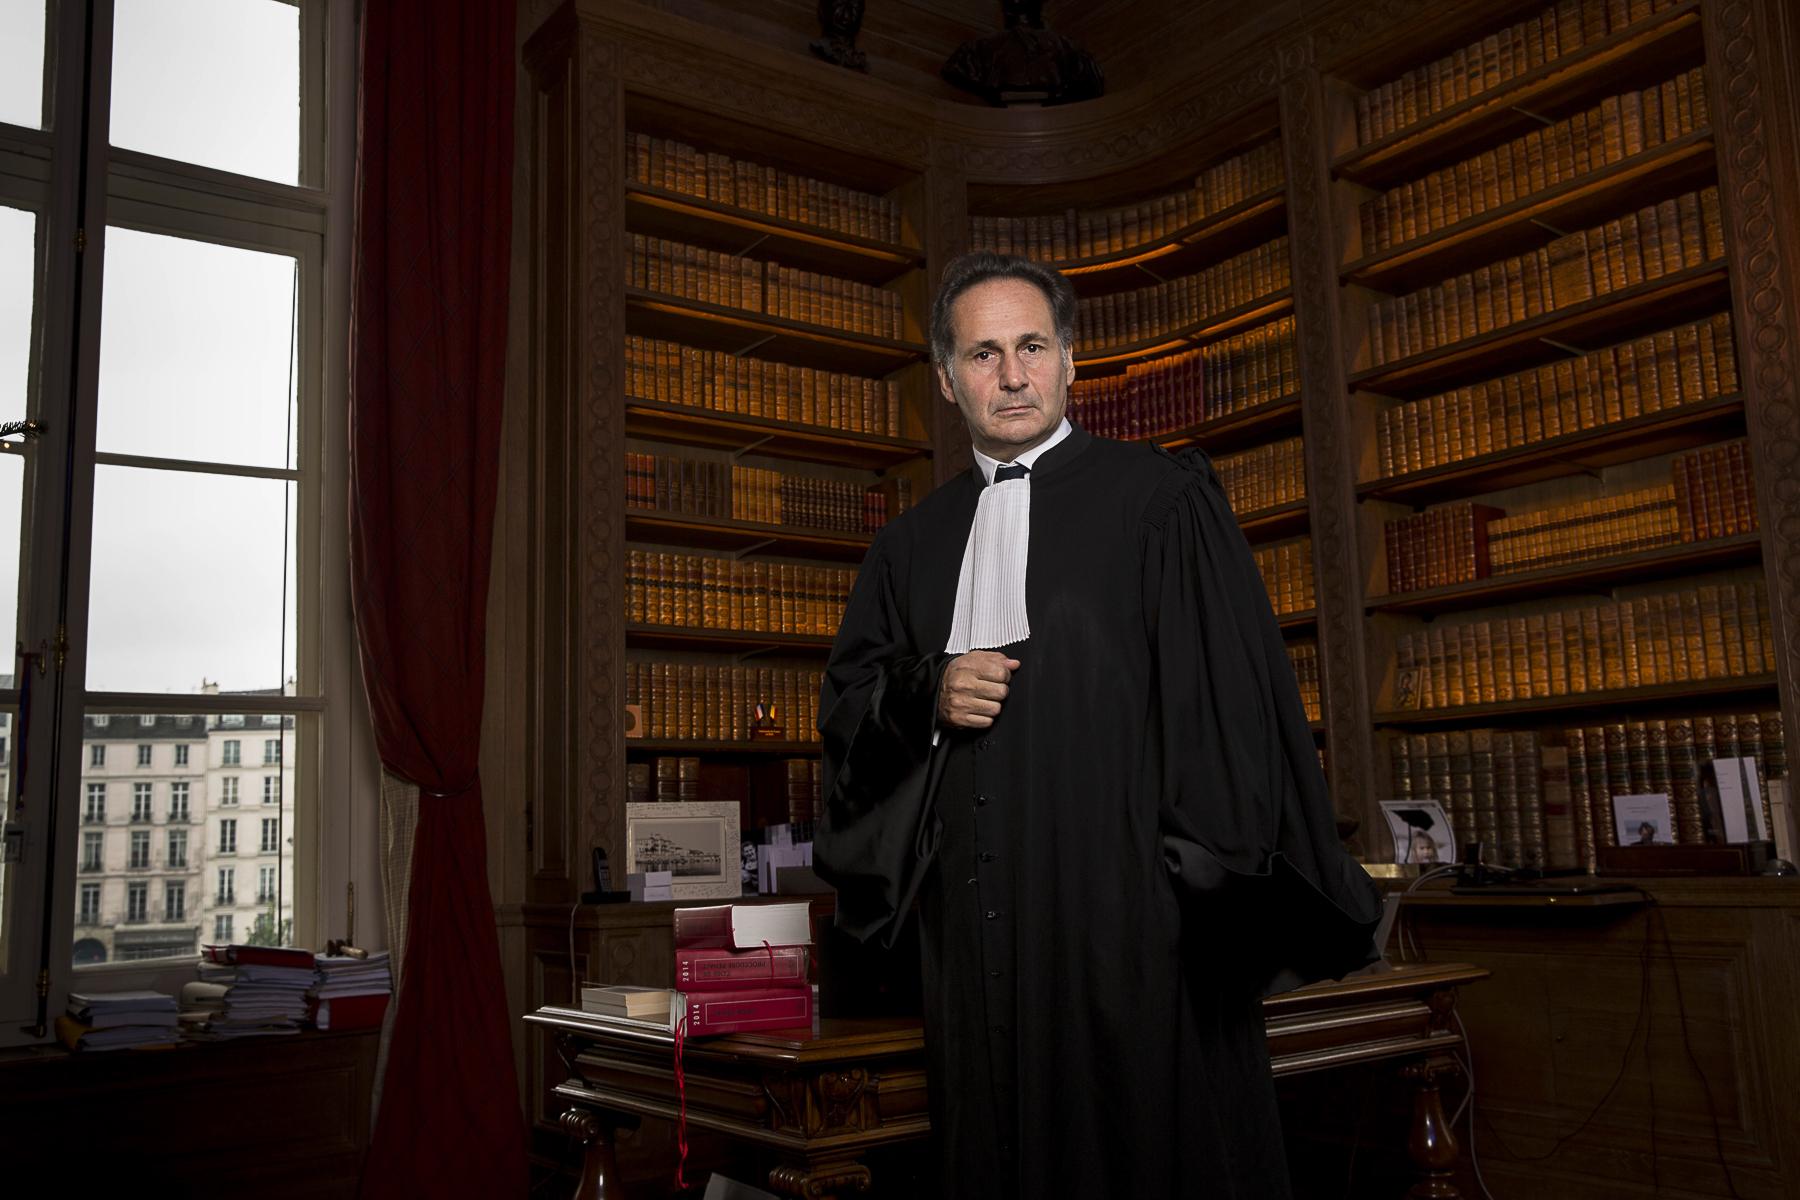 Paris décembre 2014. Le Batonnier de Paris Pierre-Olivier Sur à son bureau du Palais de Justice de Paris